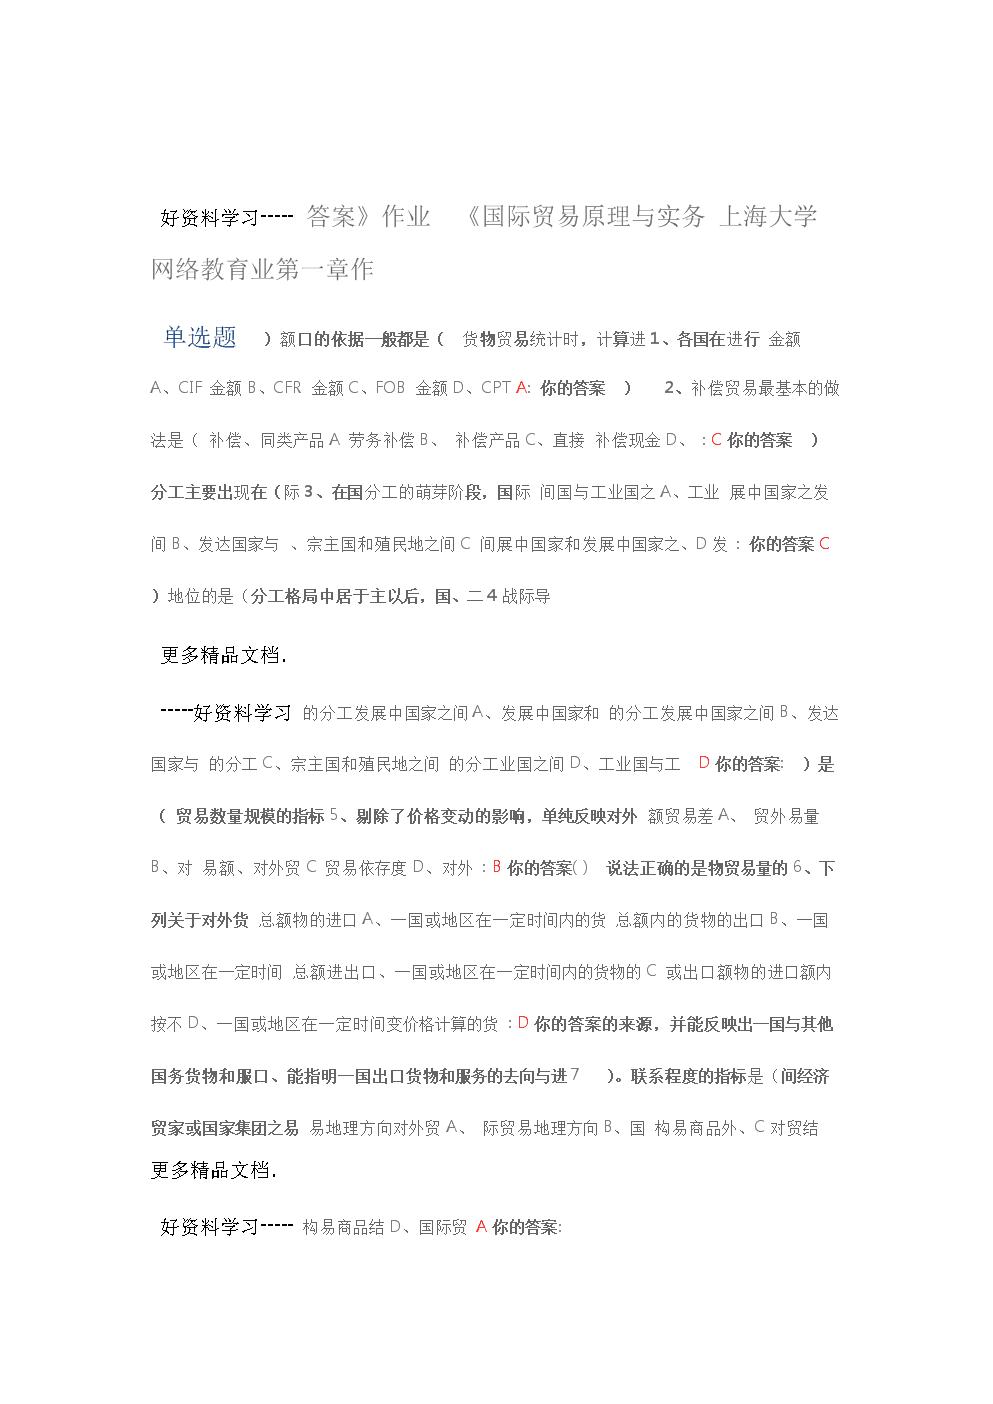 国际贸易原理与实务第01章答案资料讲解.doc